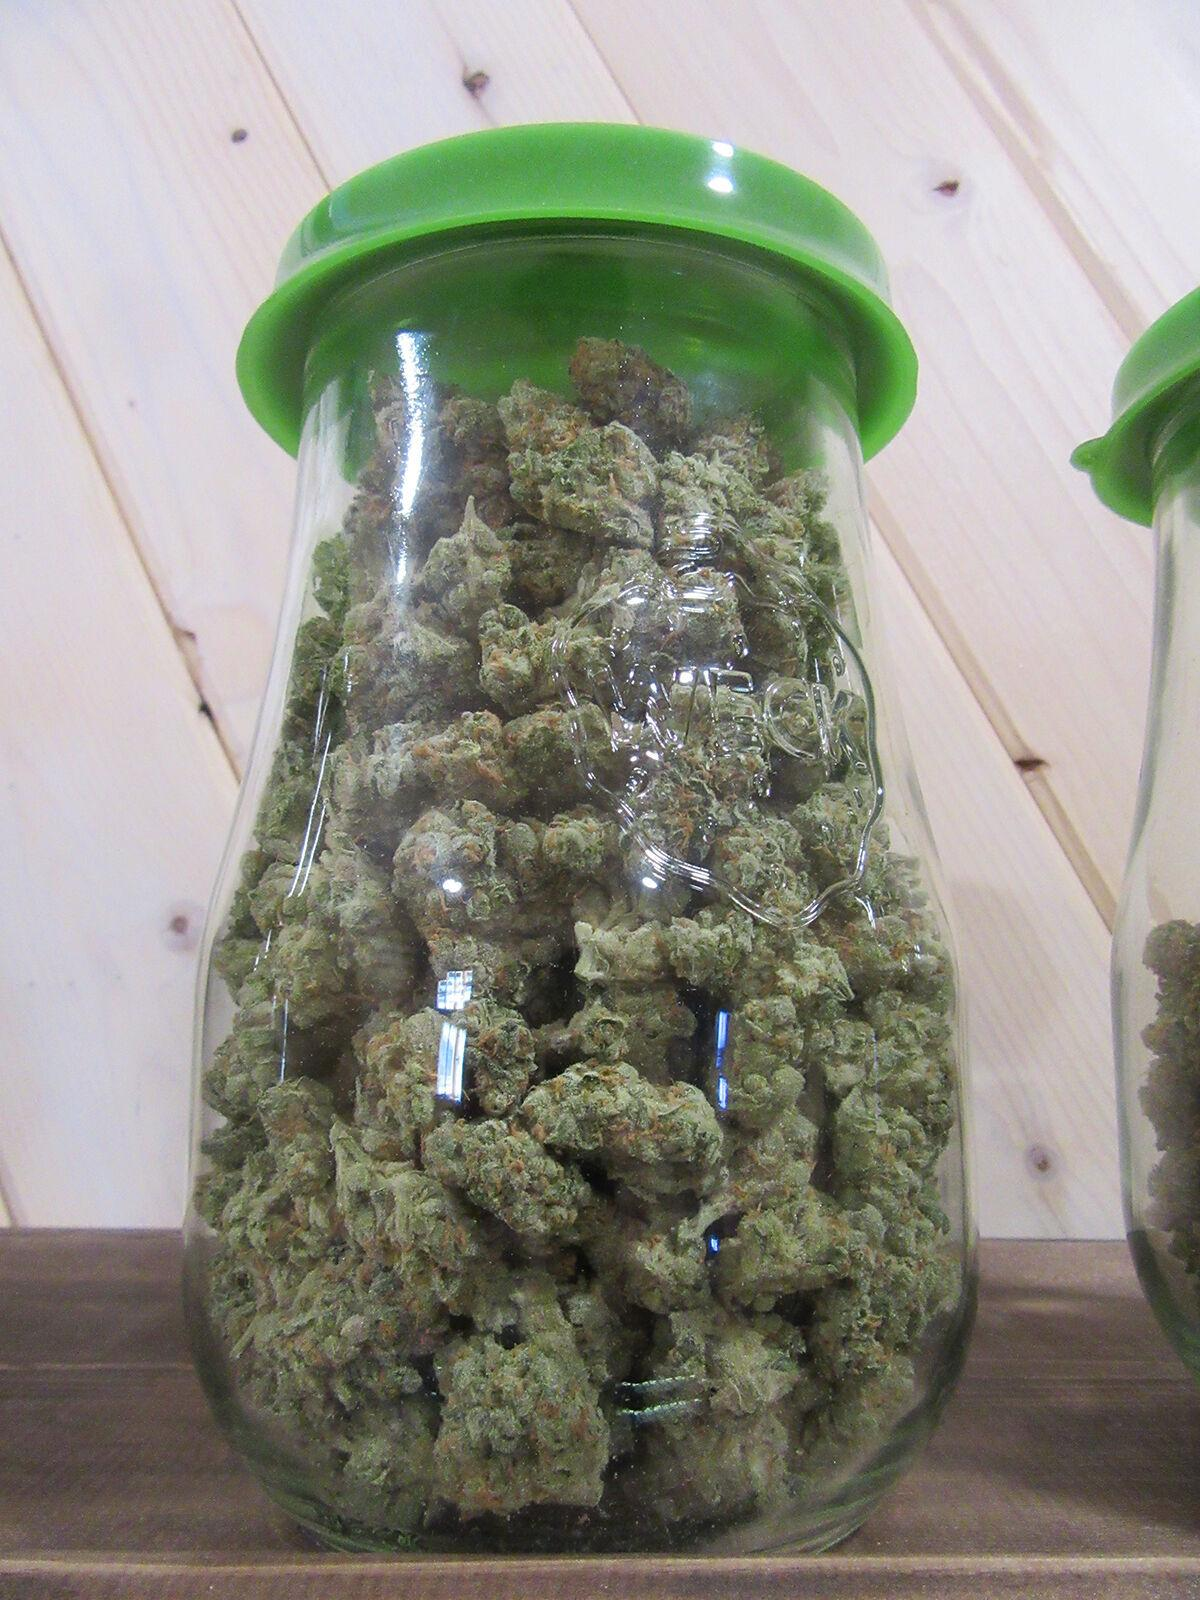 Cannabist